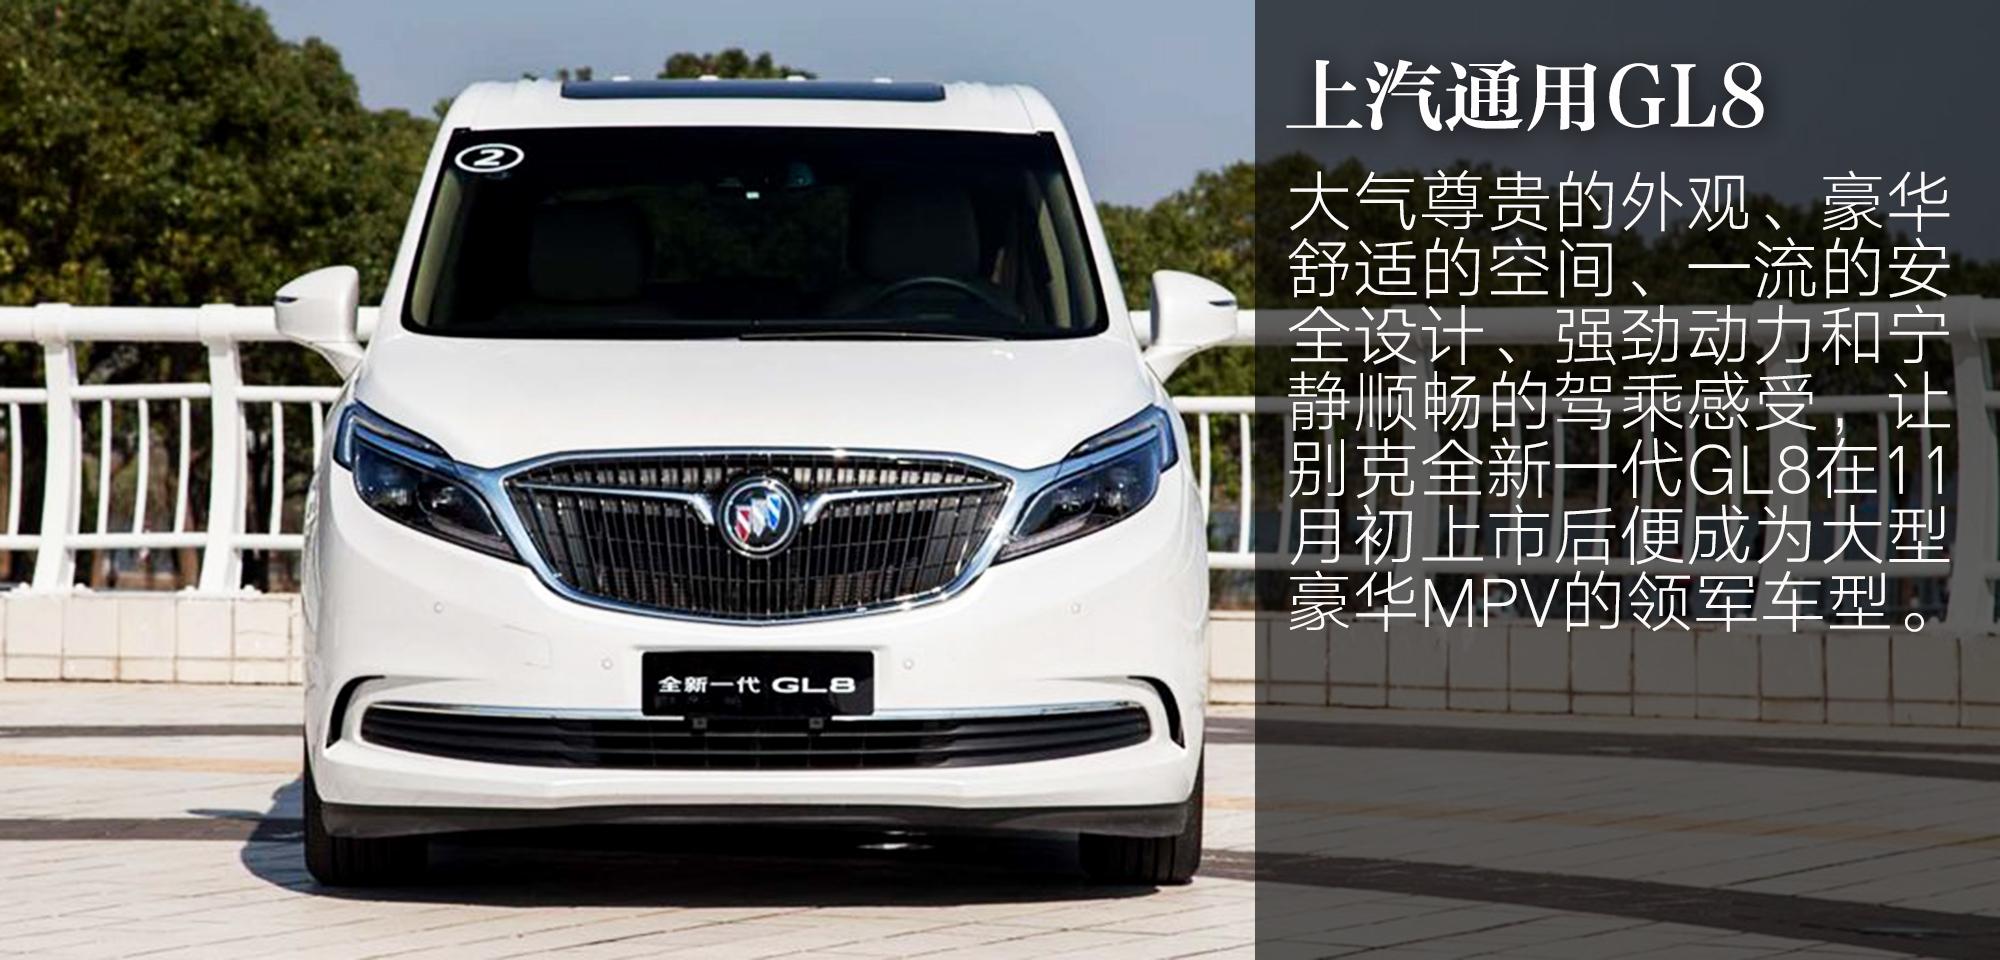 杰出车型(MPV).jpg